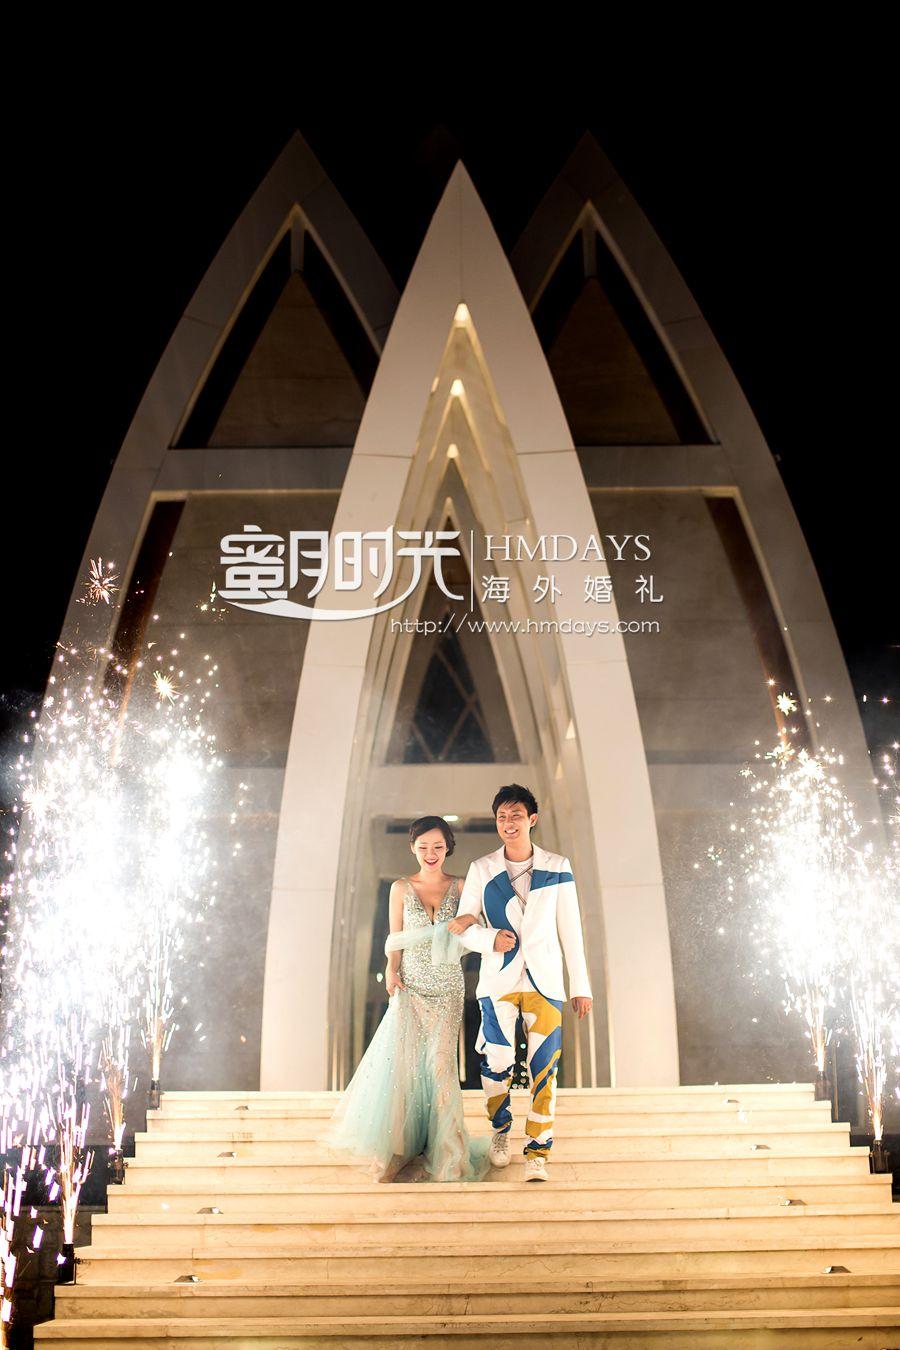 丽思卡尔顿教堂婚礼和晚宴 巴厘岛婚礼婚纱照_丽思卡尔顿教堂 海外婚礼